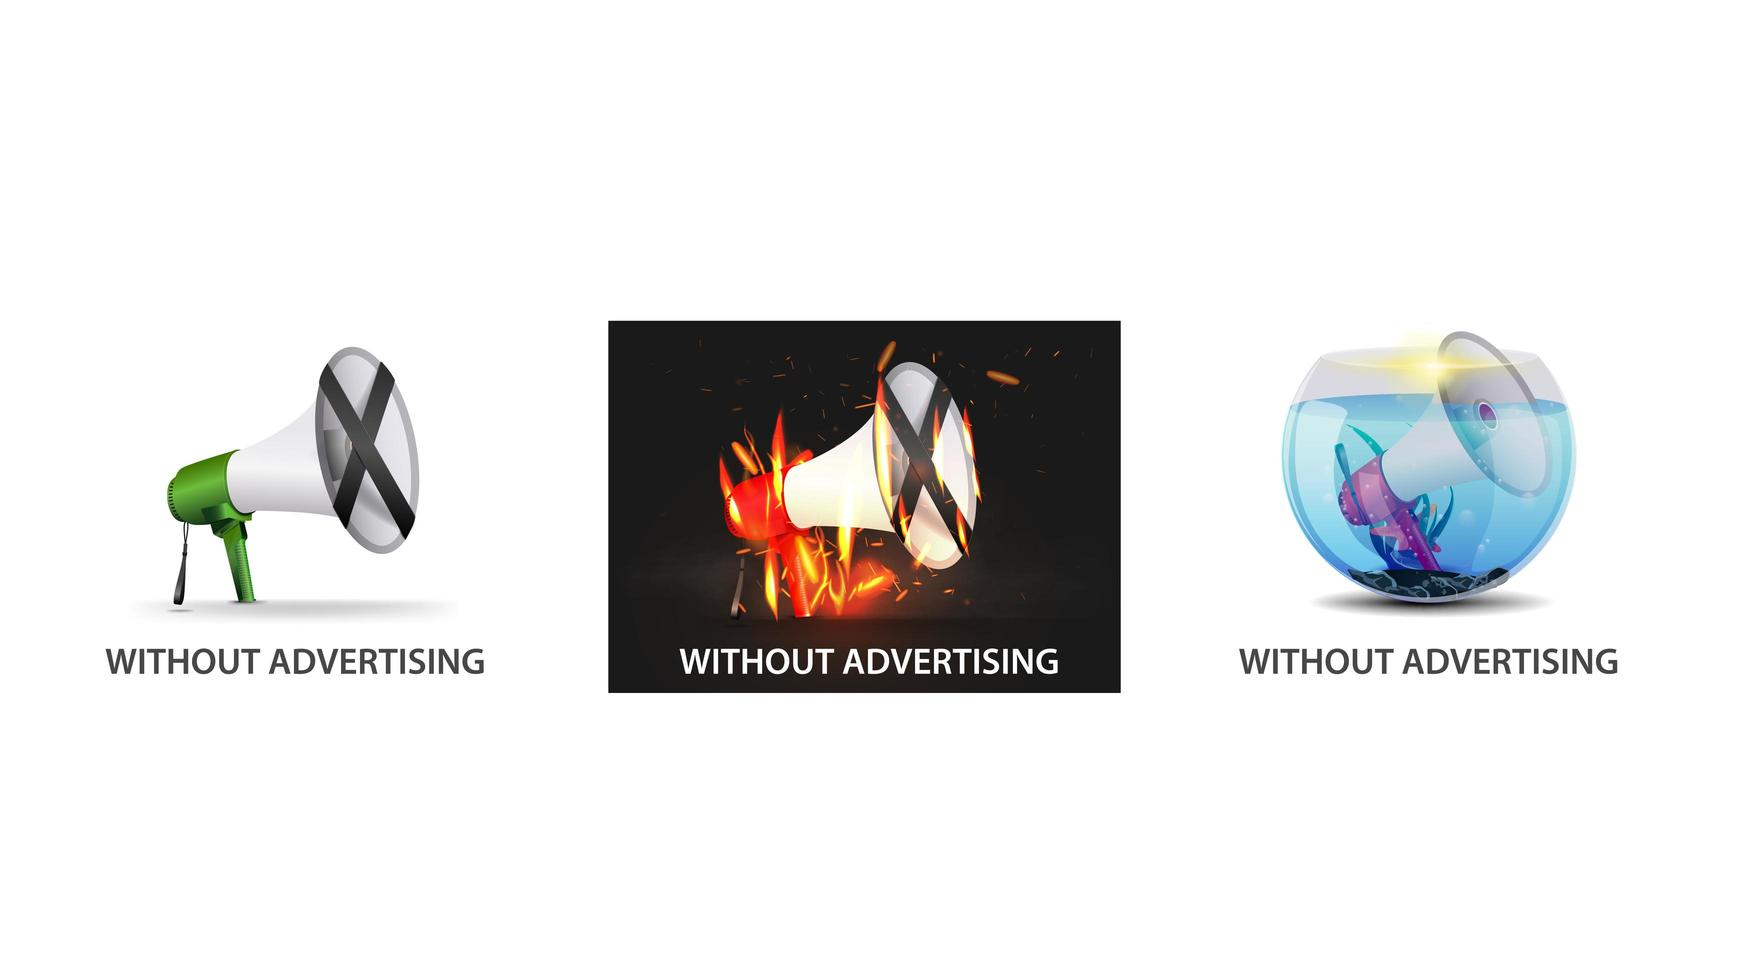 inga annonser Ikonuppsättning vektor